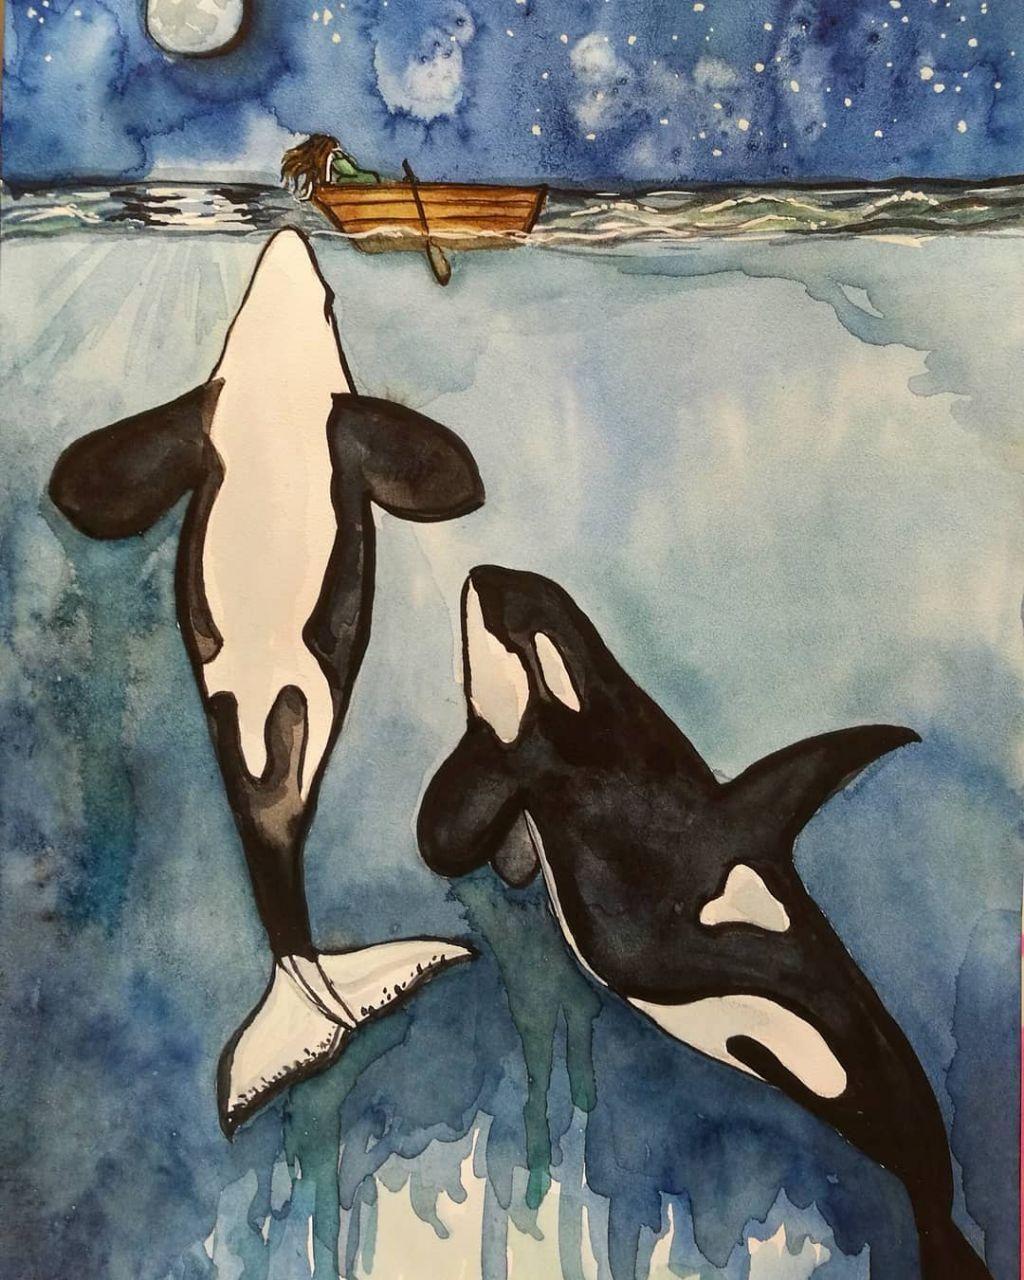 #painting #art #watercolor #underwater #ocean #whale #boat ...